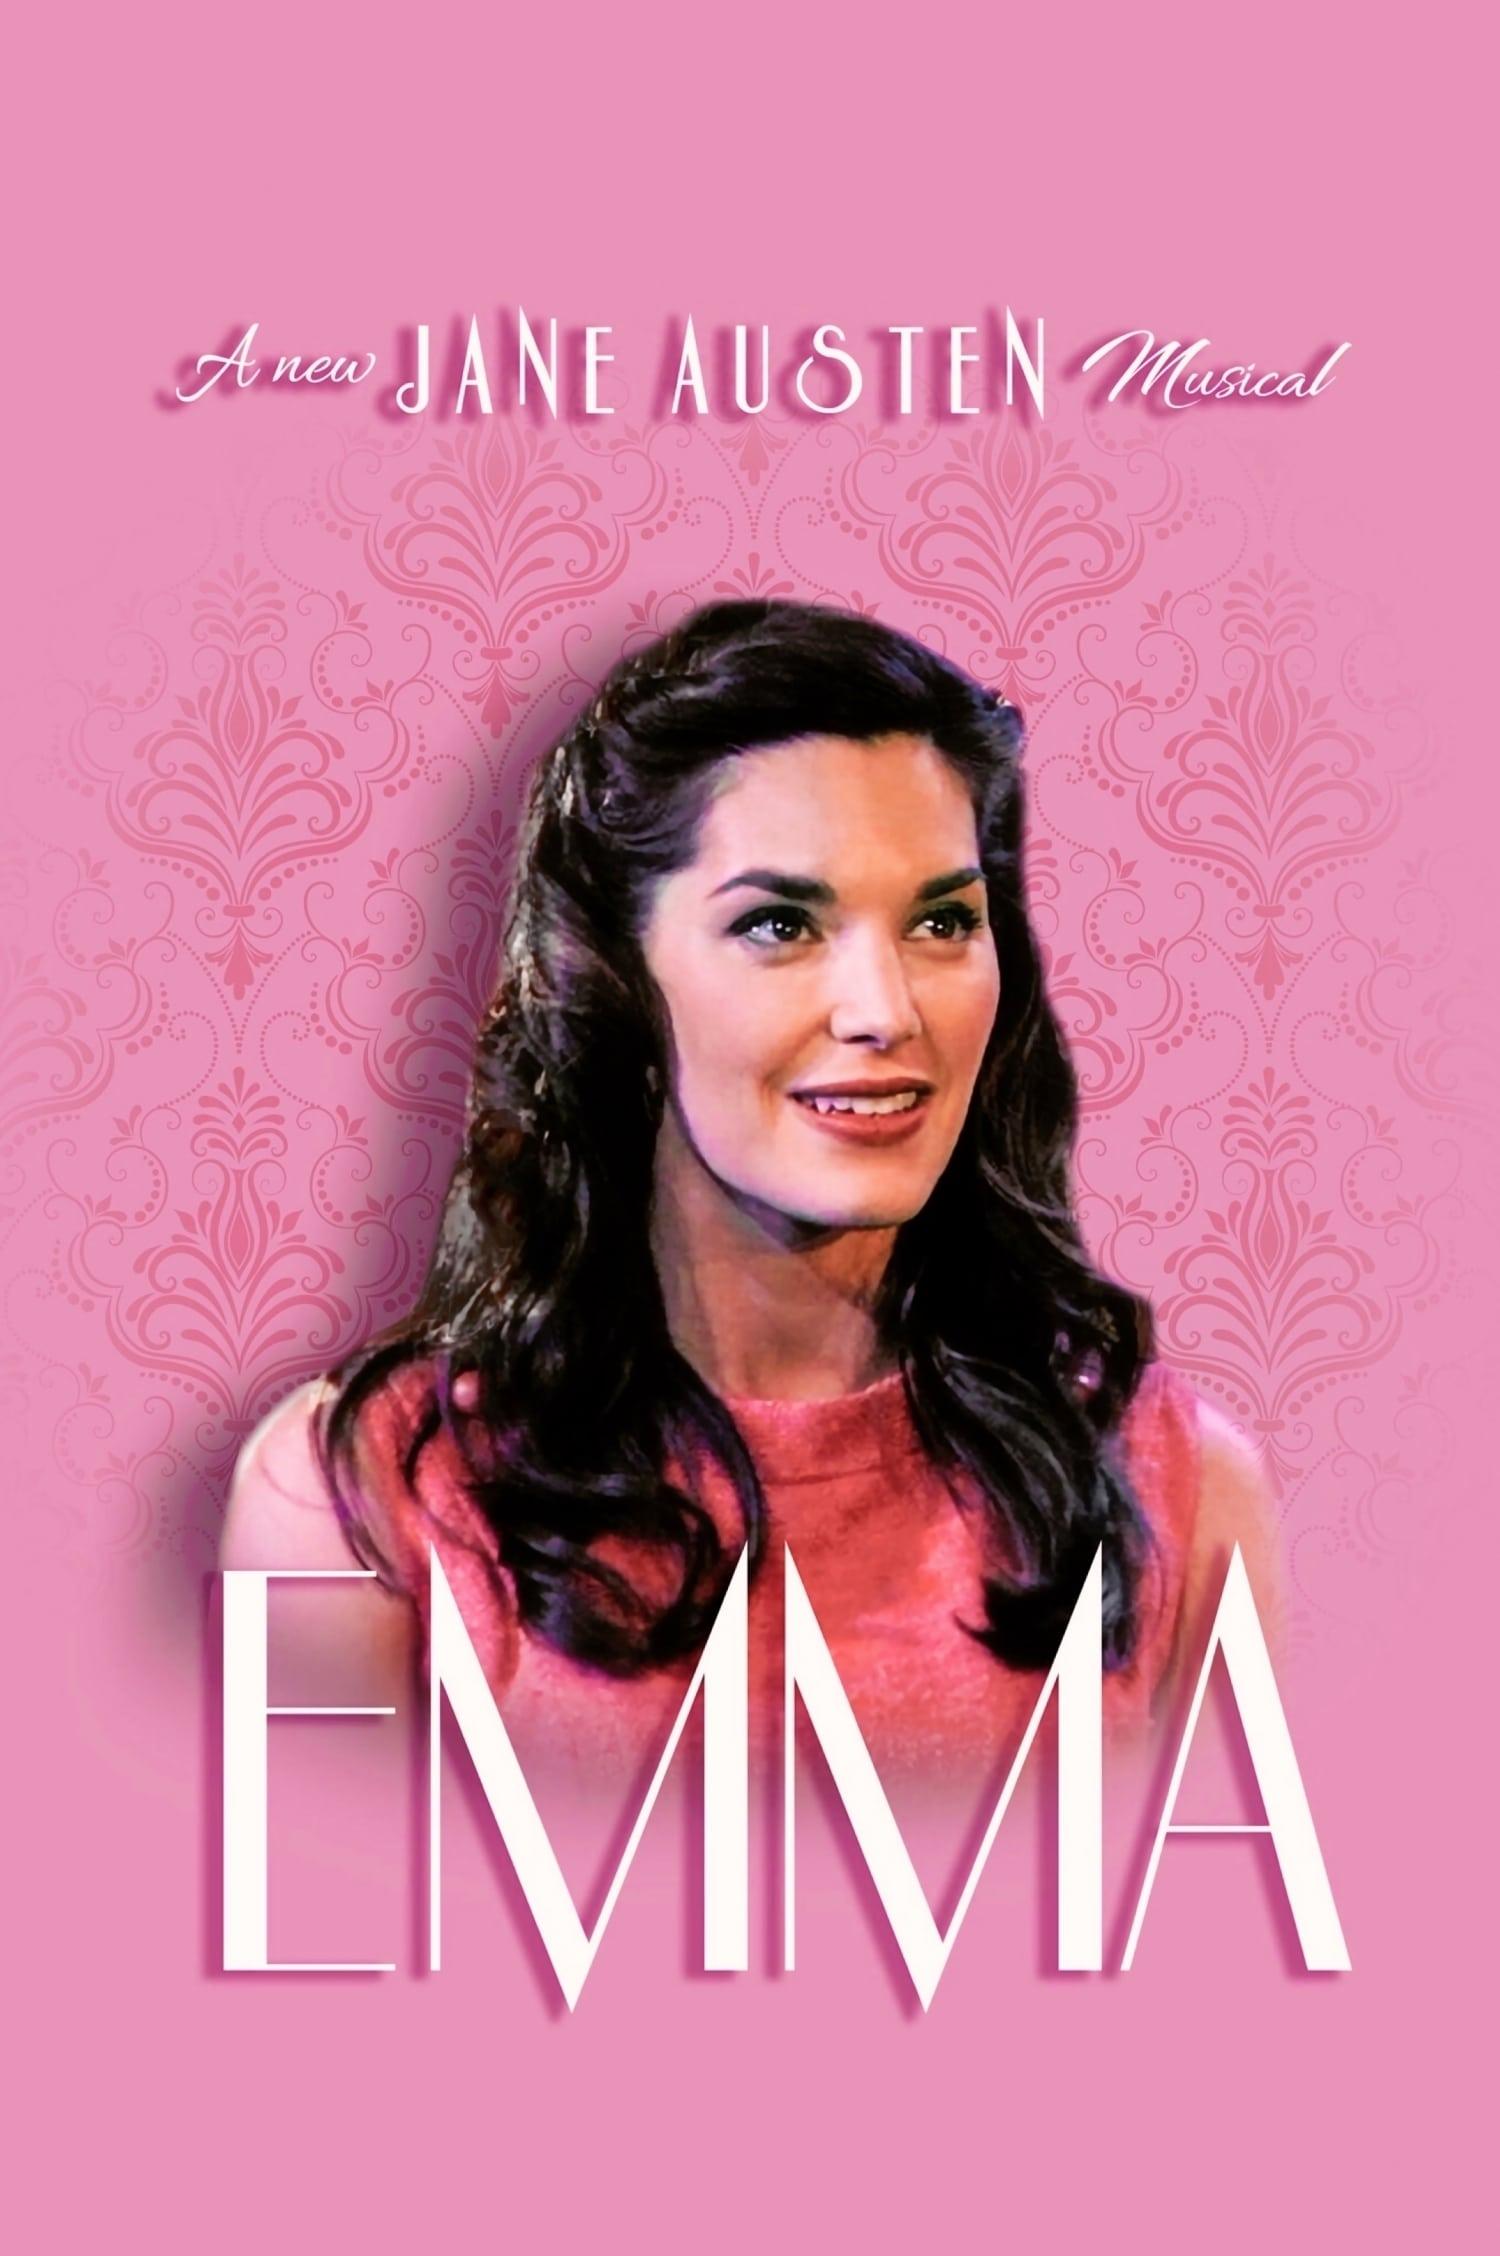 Emma: A New Jane Austen Musical